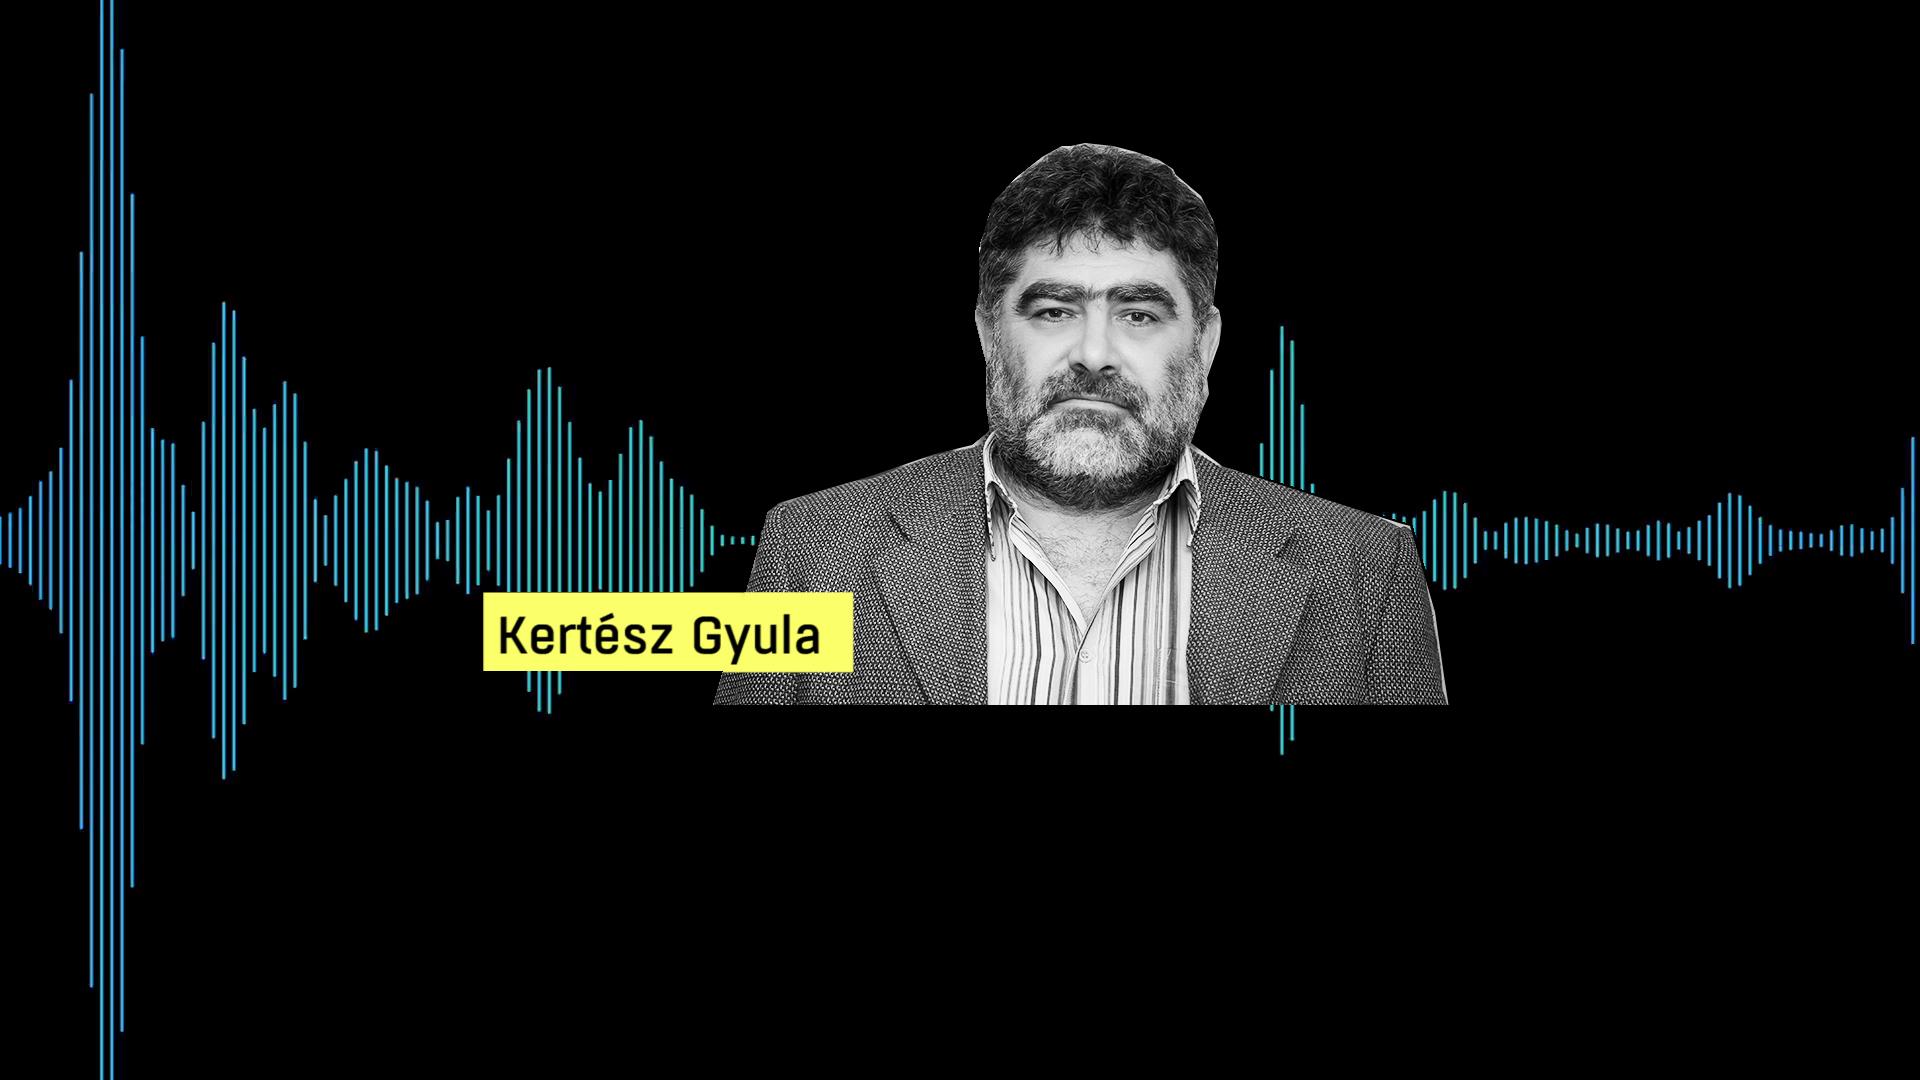 Választási csalásról szóló eszmefuttatást adott elő a Gyömrőt vezető csoport elnöke a helyi fideszeseknek egy hangfelvételen